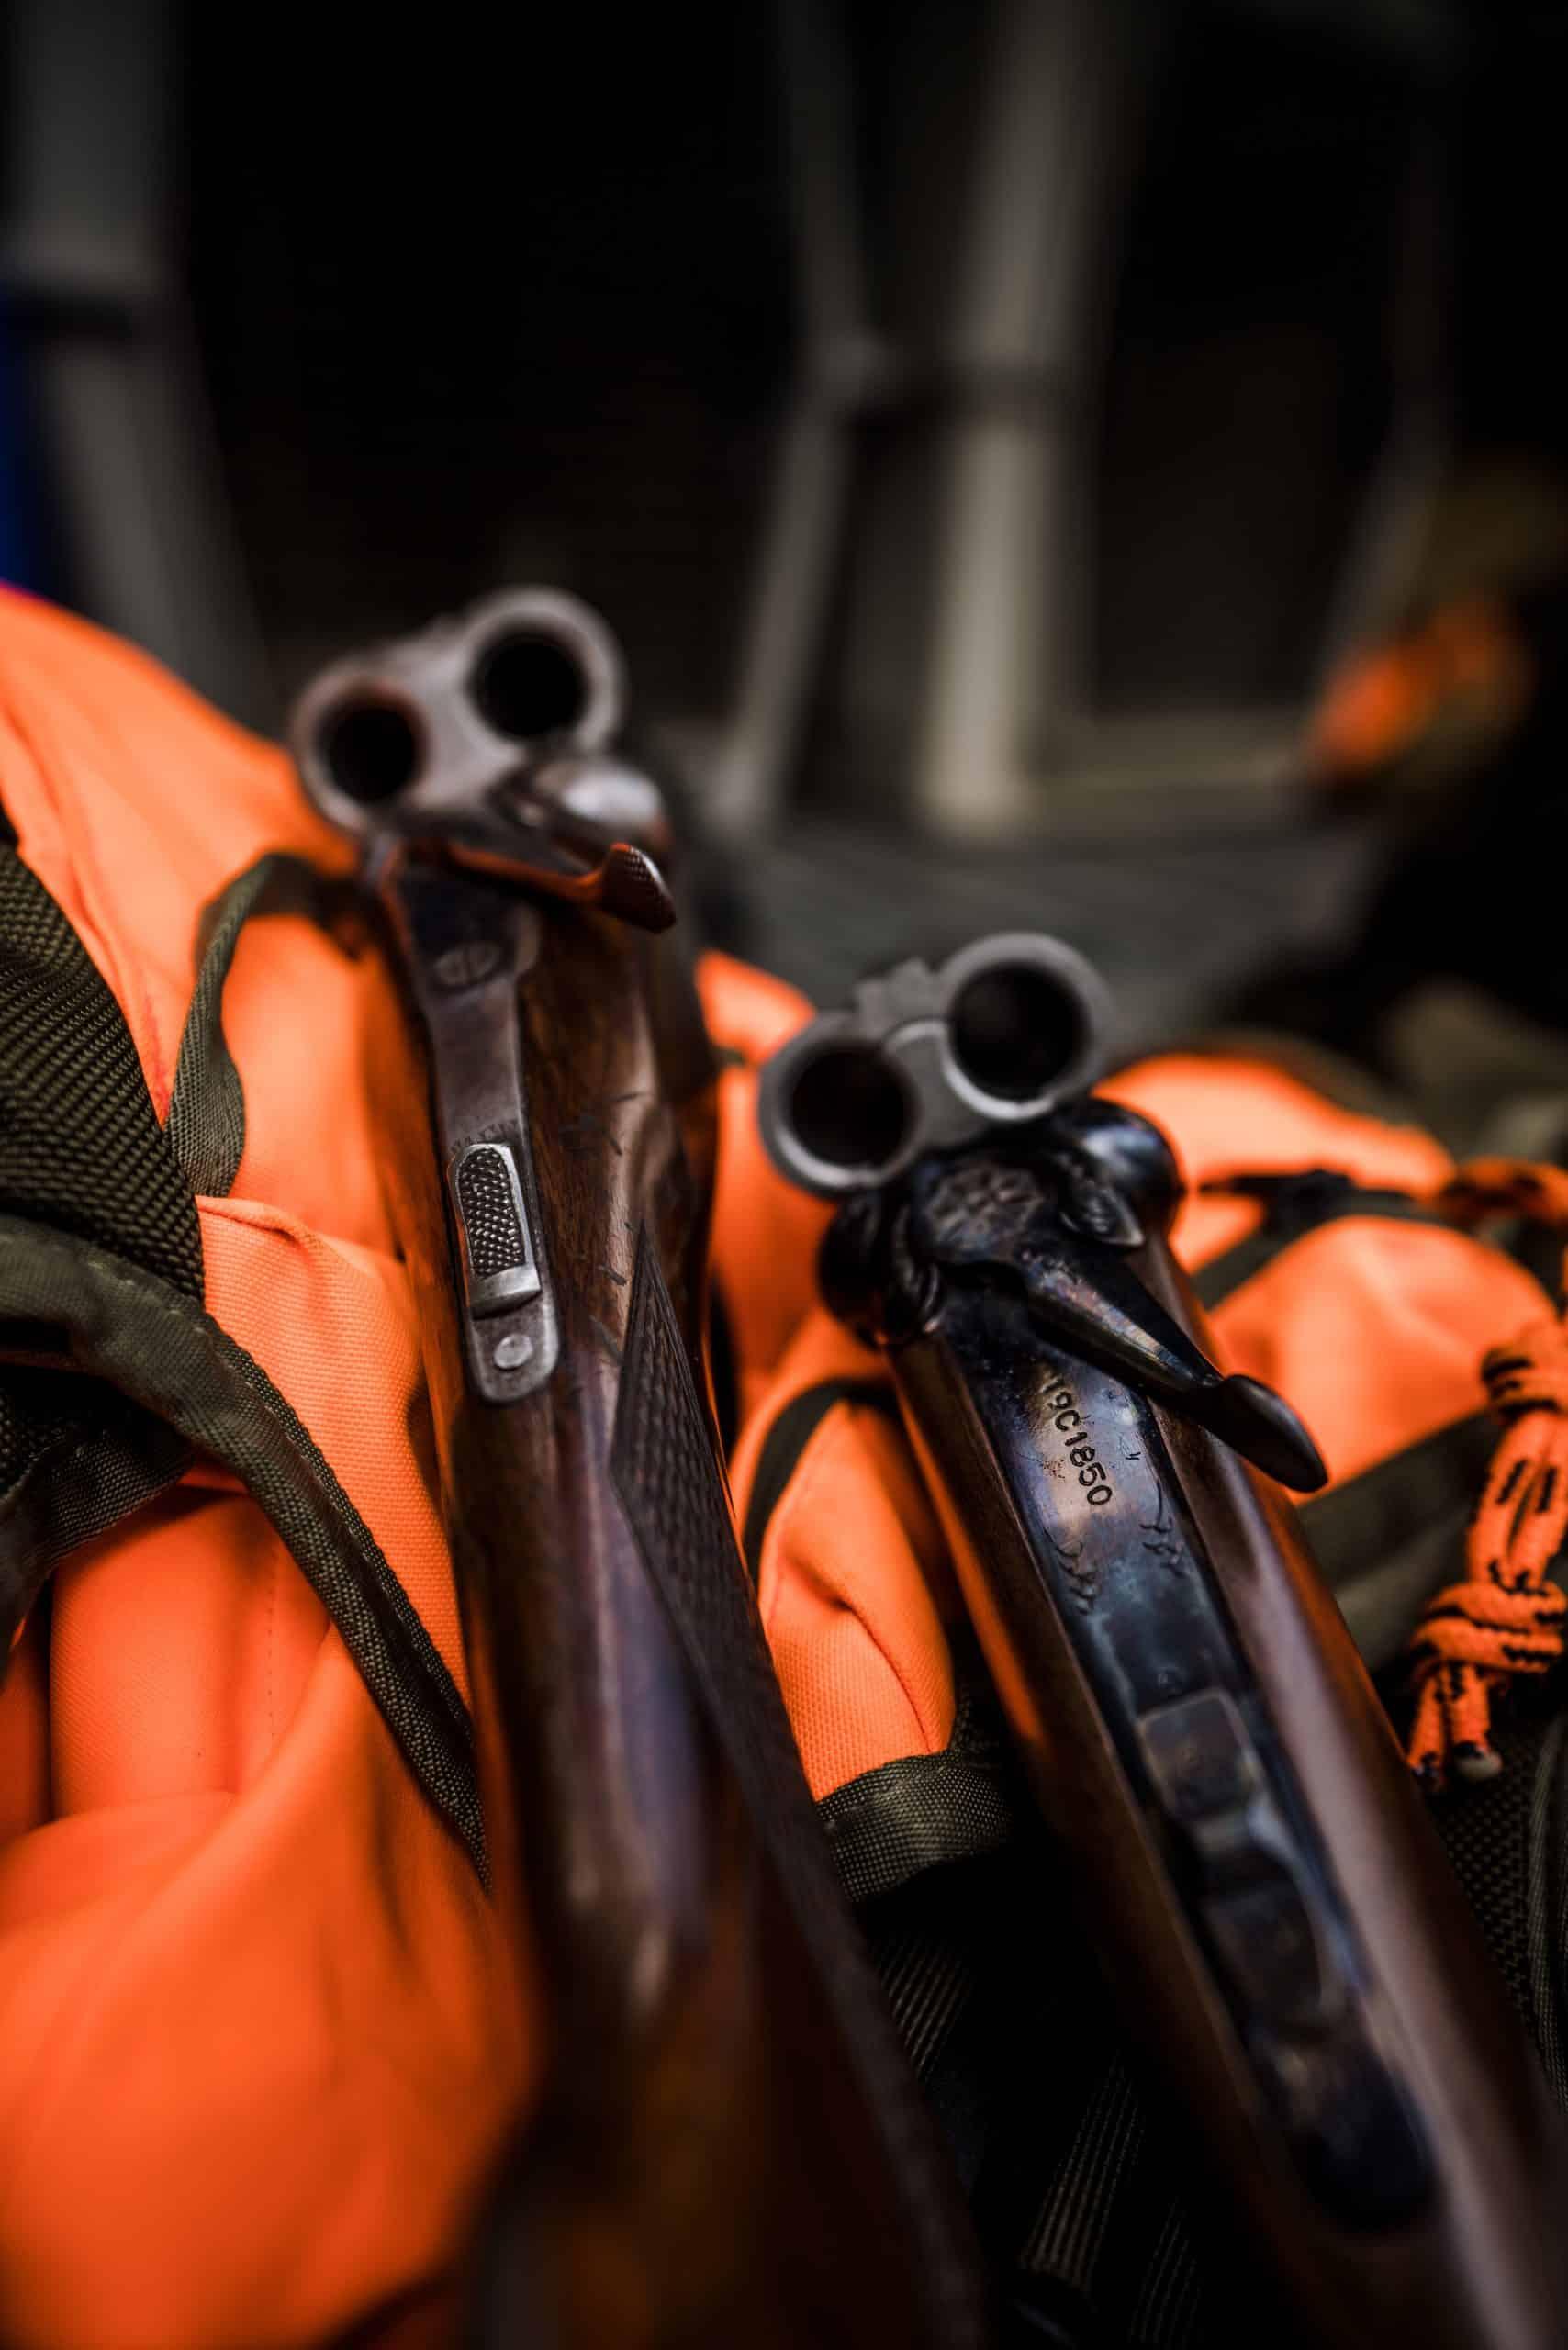 Two side-by-side shotguns rest on an orange upland vest.